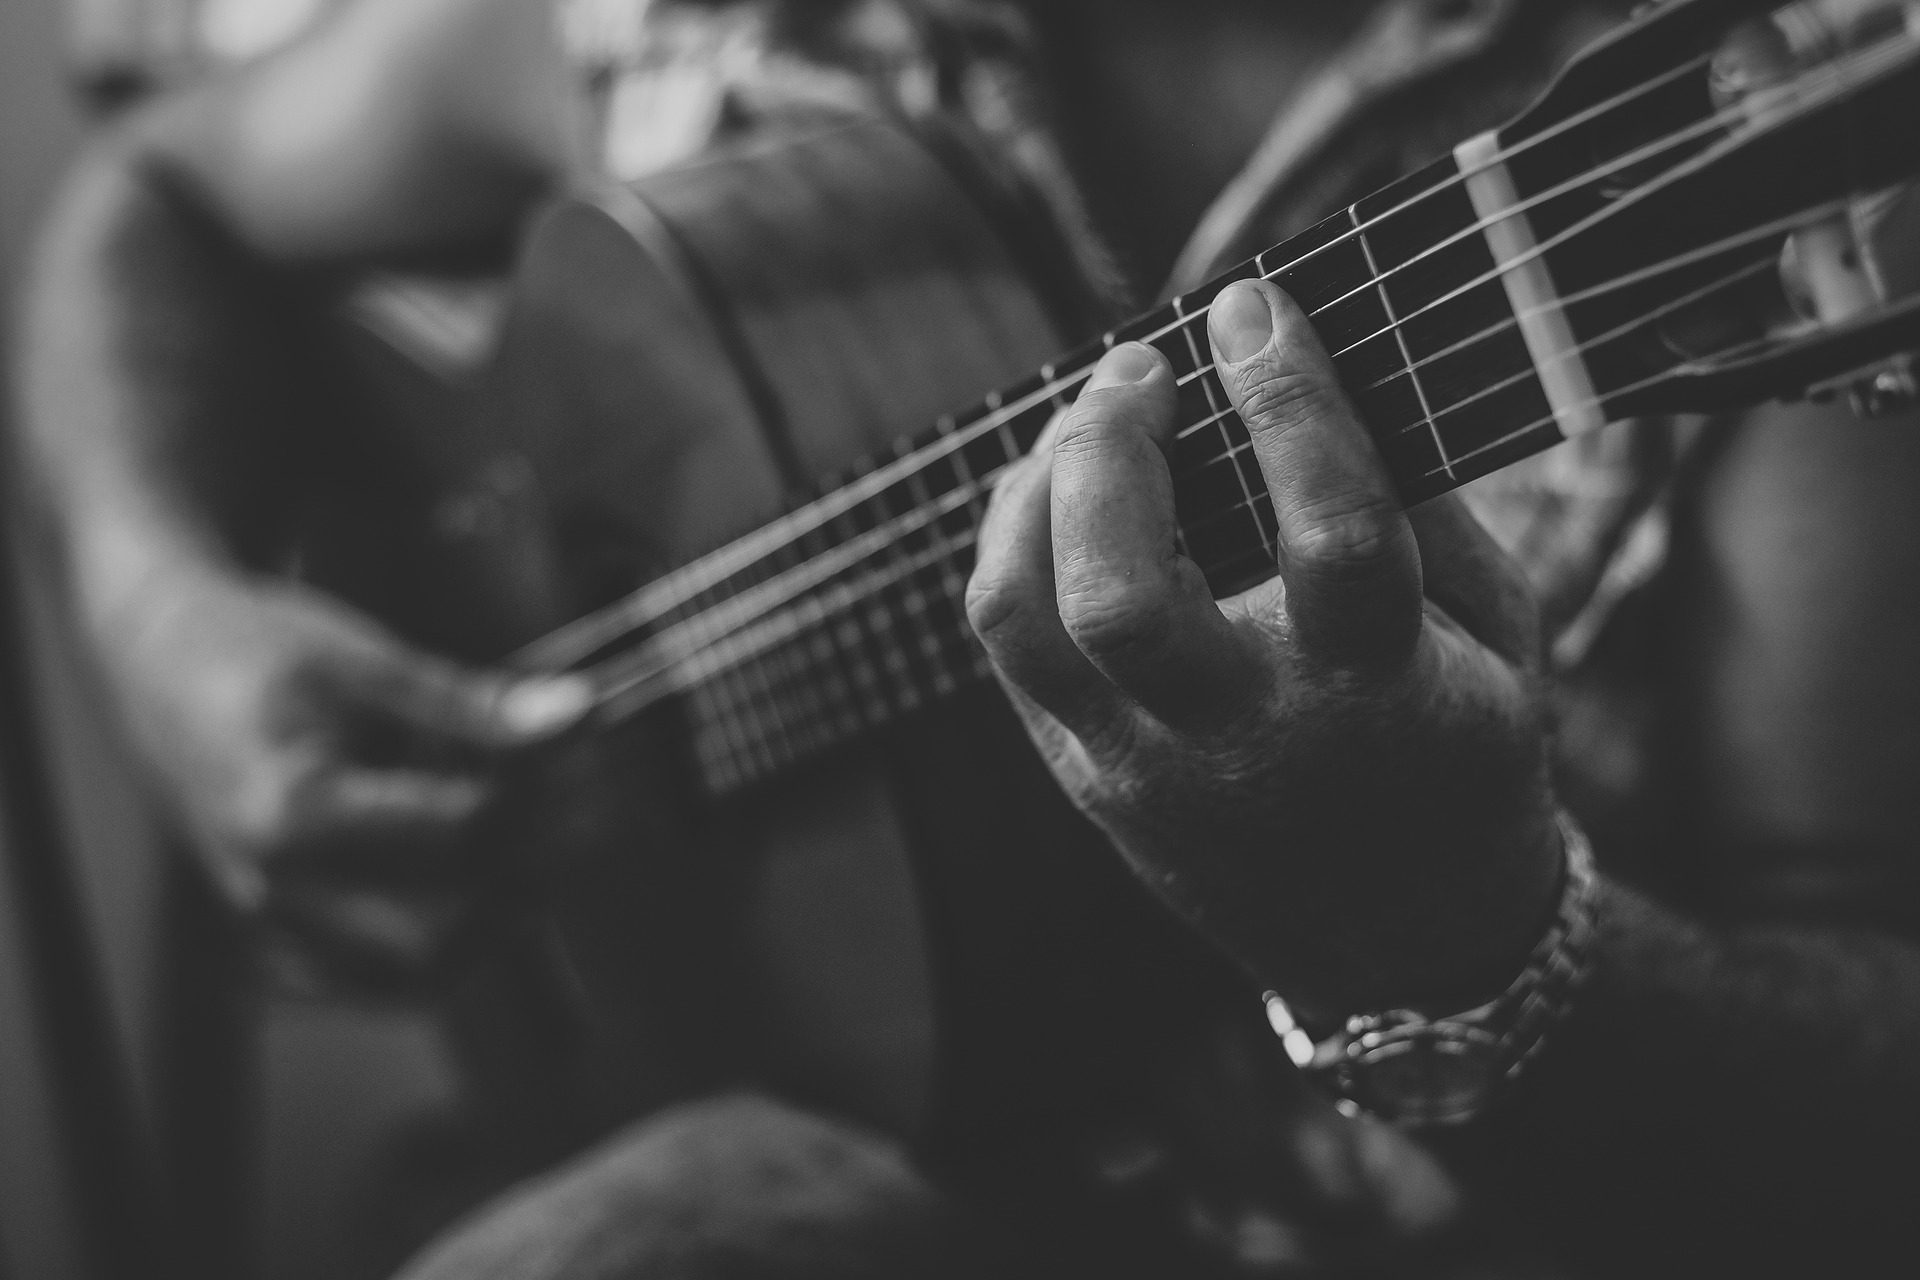 Guitarra, músico, guitarrista, mãos, cadeias de caracteres, em preto e branco - Papéis de parede HD - Professor-falken.com